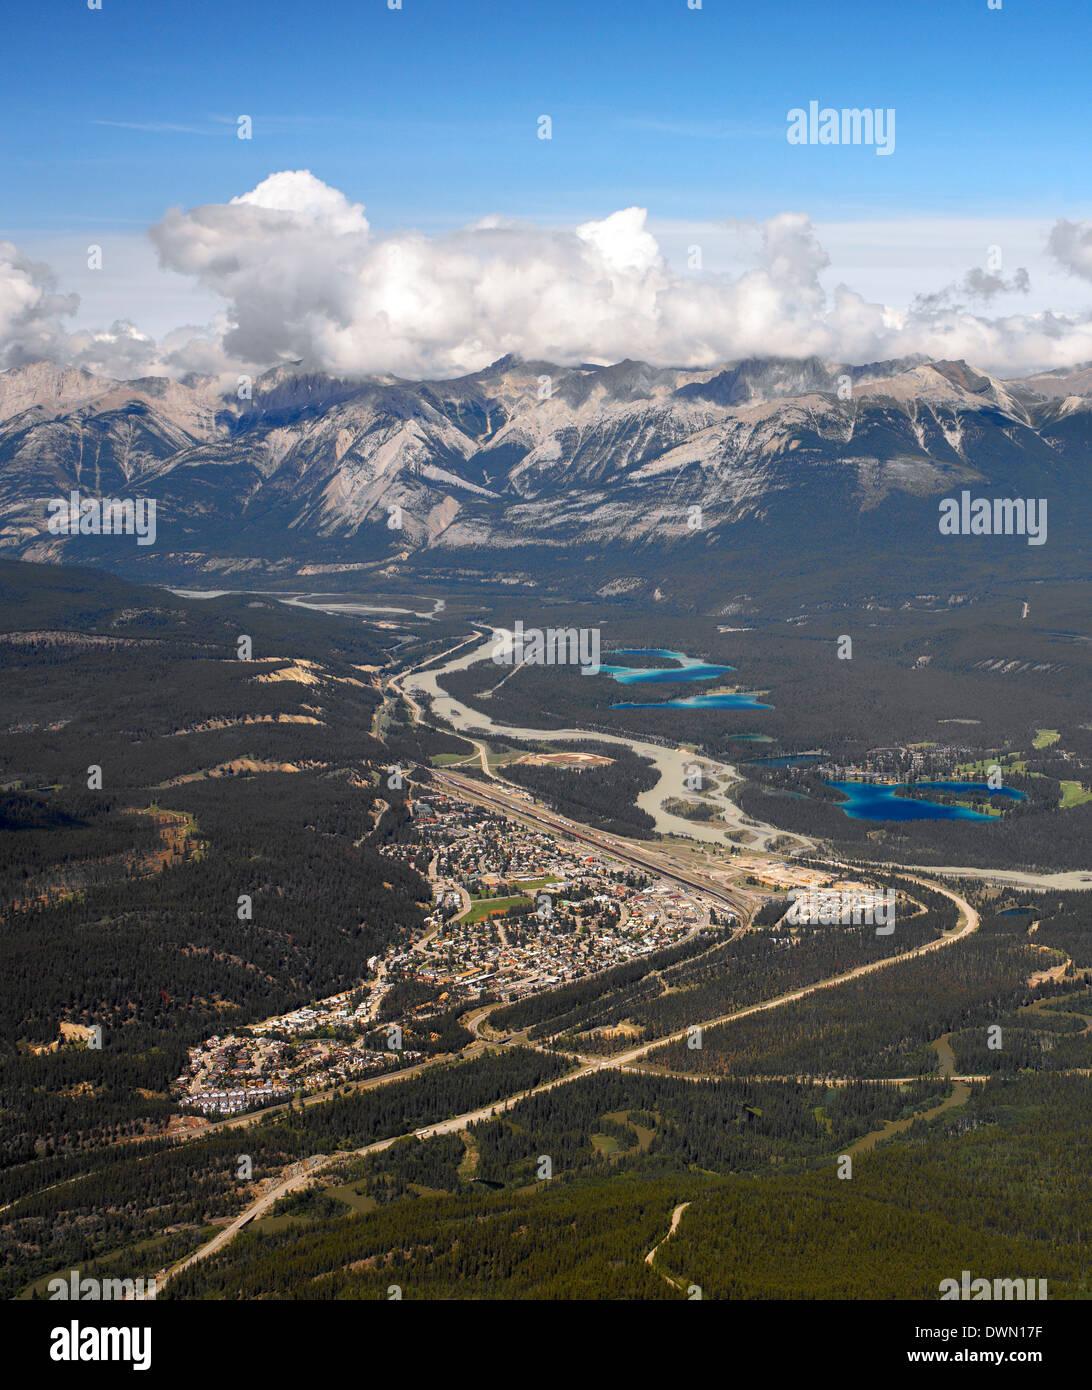 Luftaufnahme der Stadt Jasper im Jasper National Park in Alberta, Kanada. Stockbild